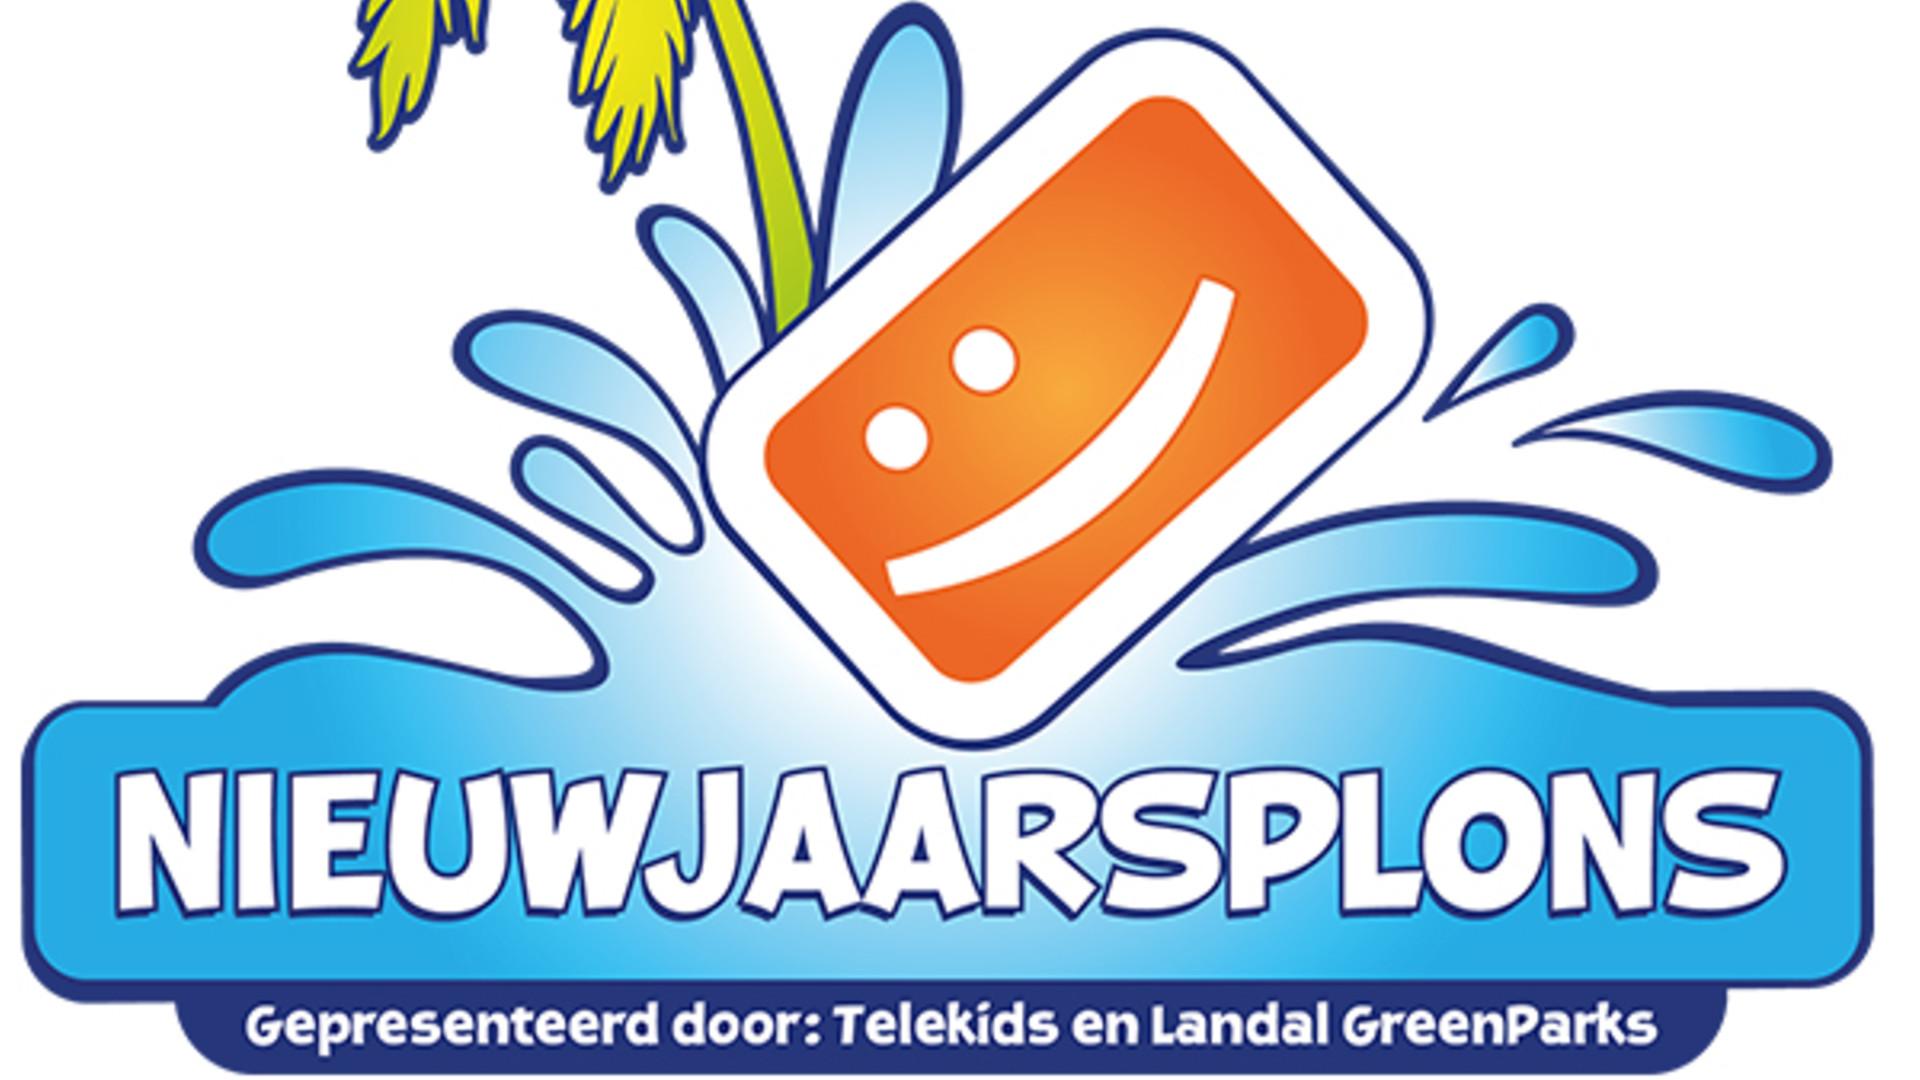 Rtl Telekids En Landal Greenparks Presenteren De Nieuwjaarsplons